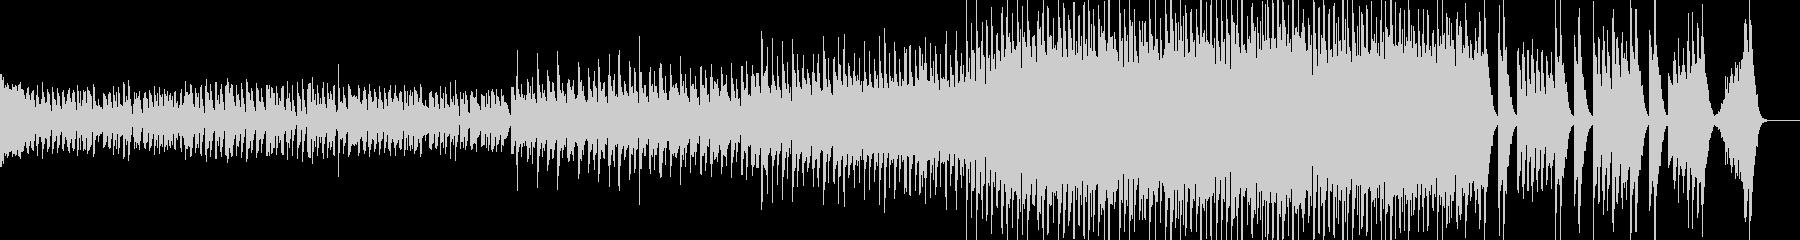 『ペール・ギュント』第1組曲より第四曲の未再生の波形